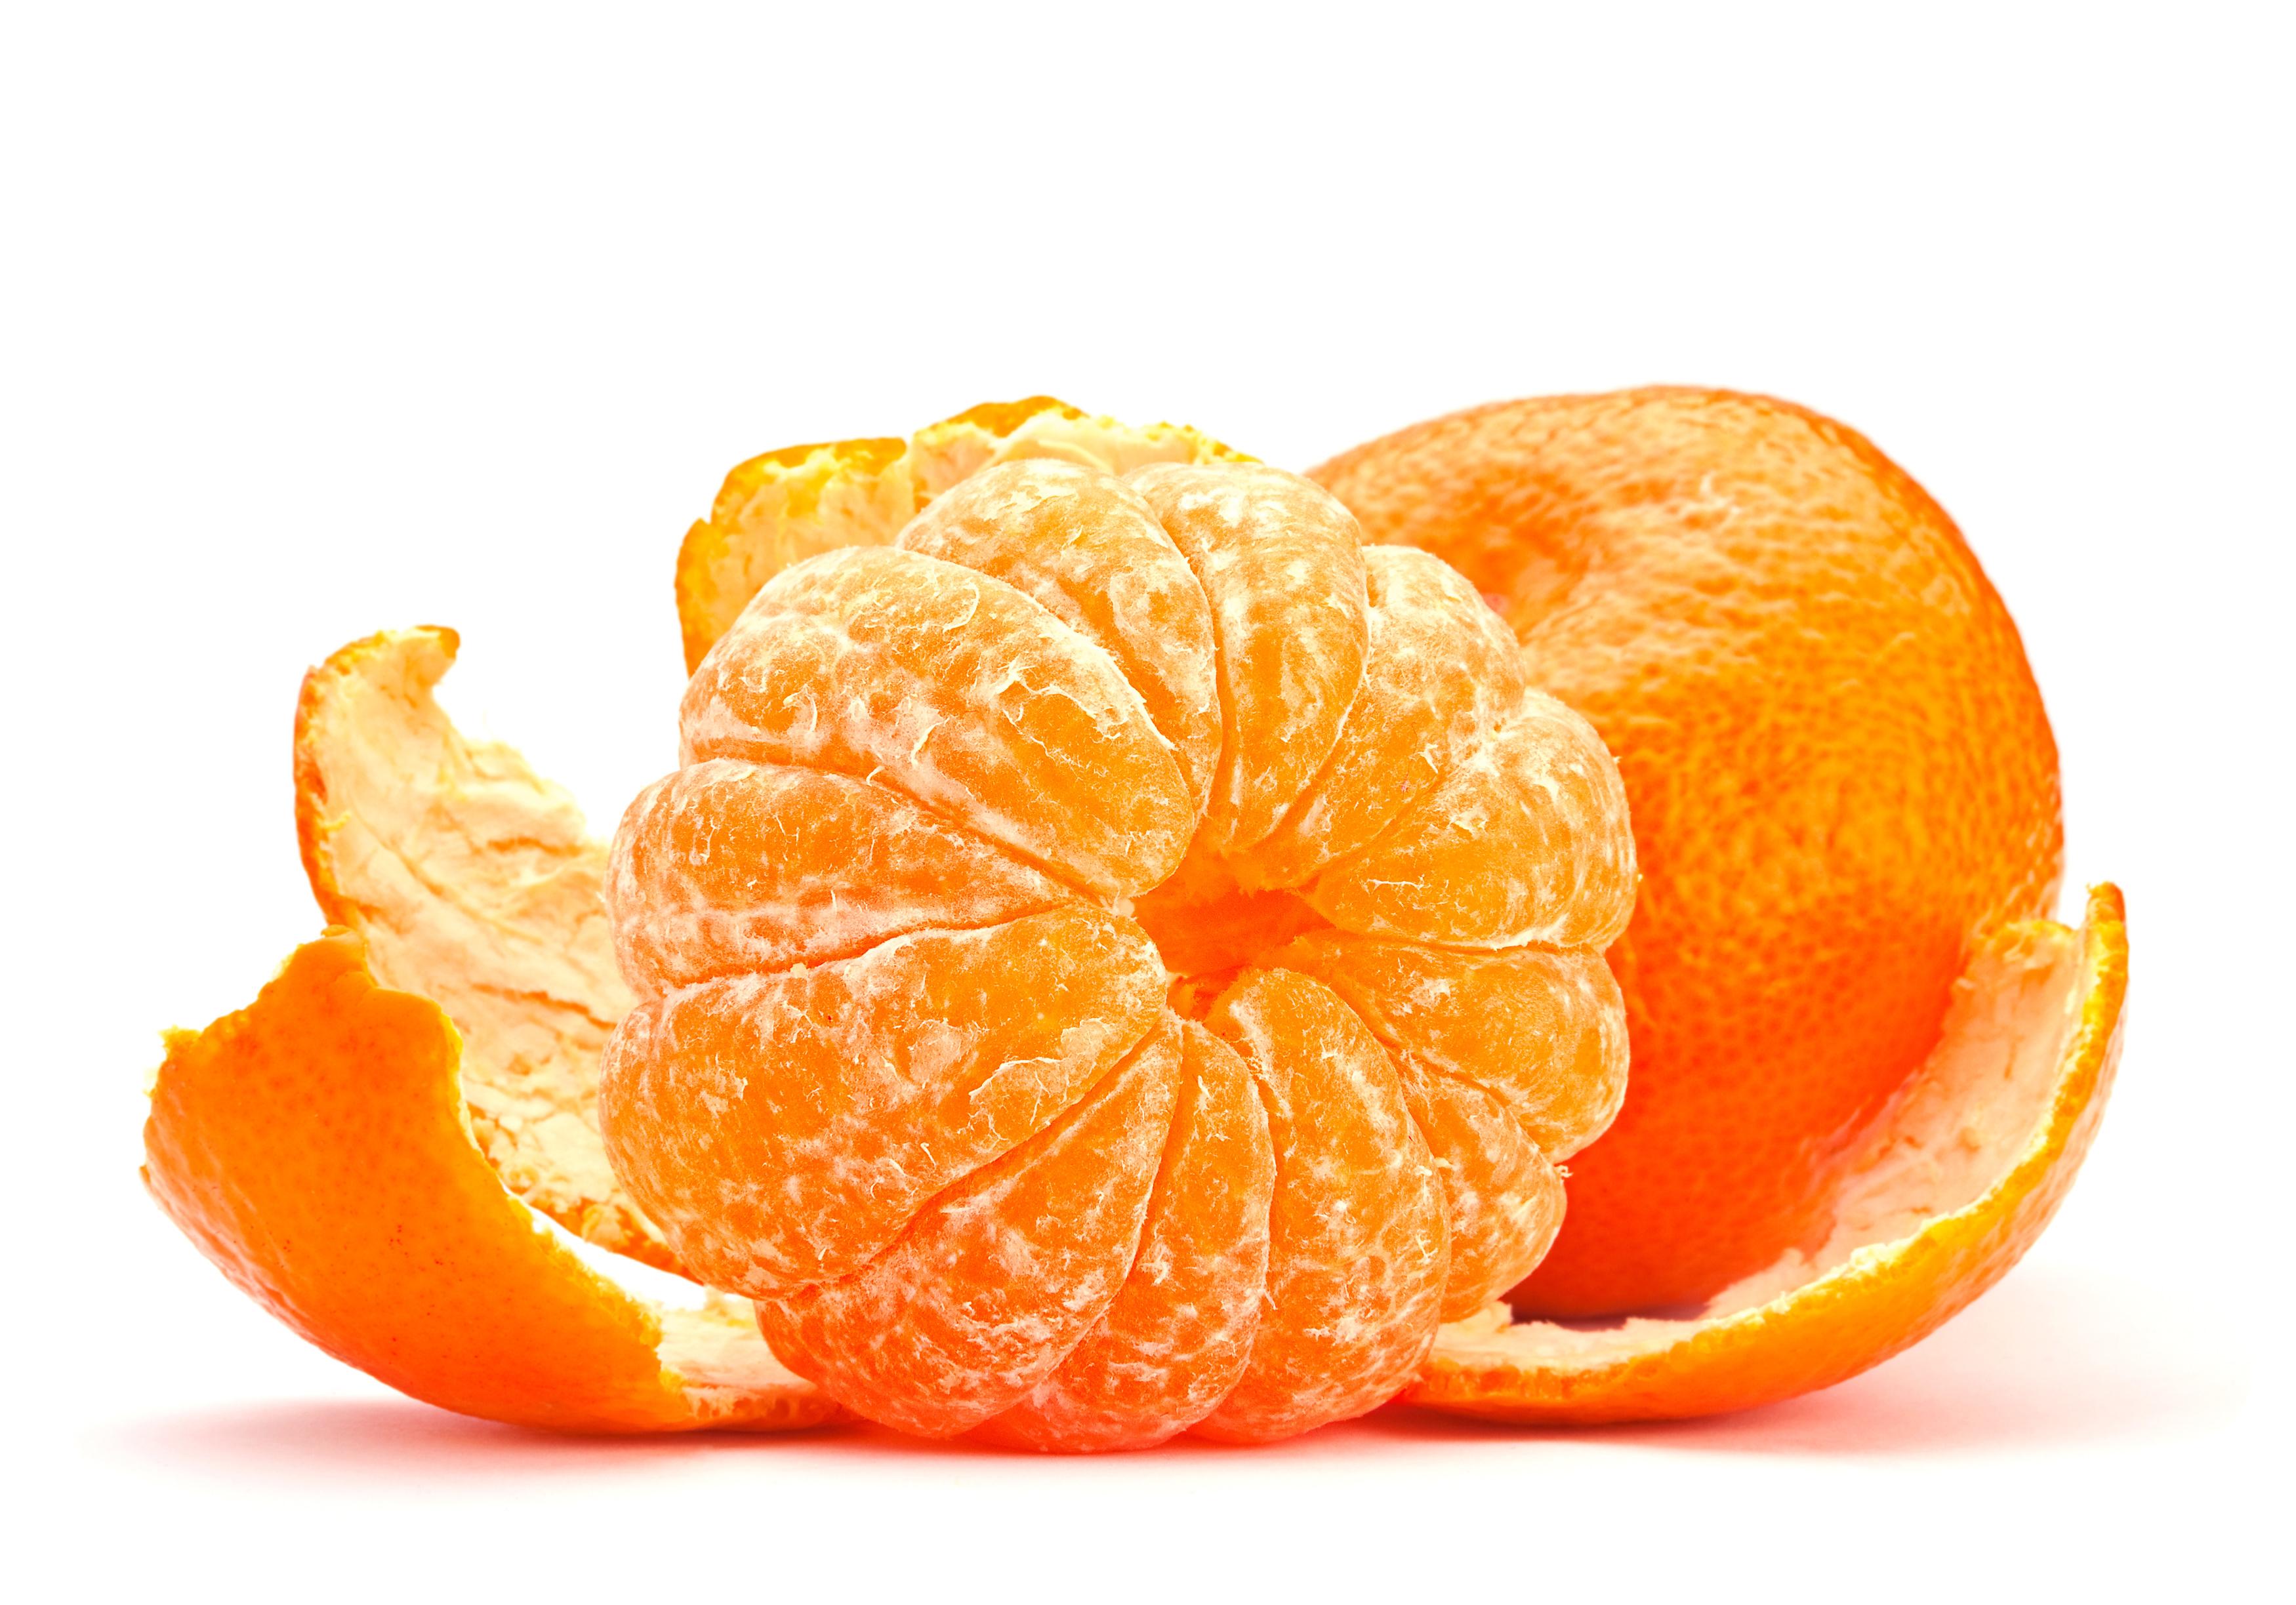 Il frutto del mandarino, a Reggio particolarmente dolce e profumato